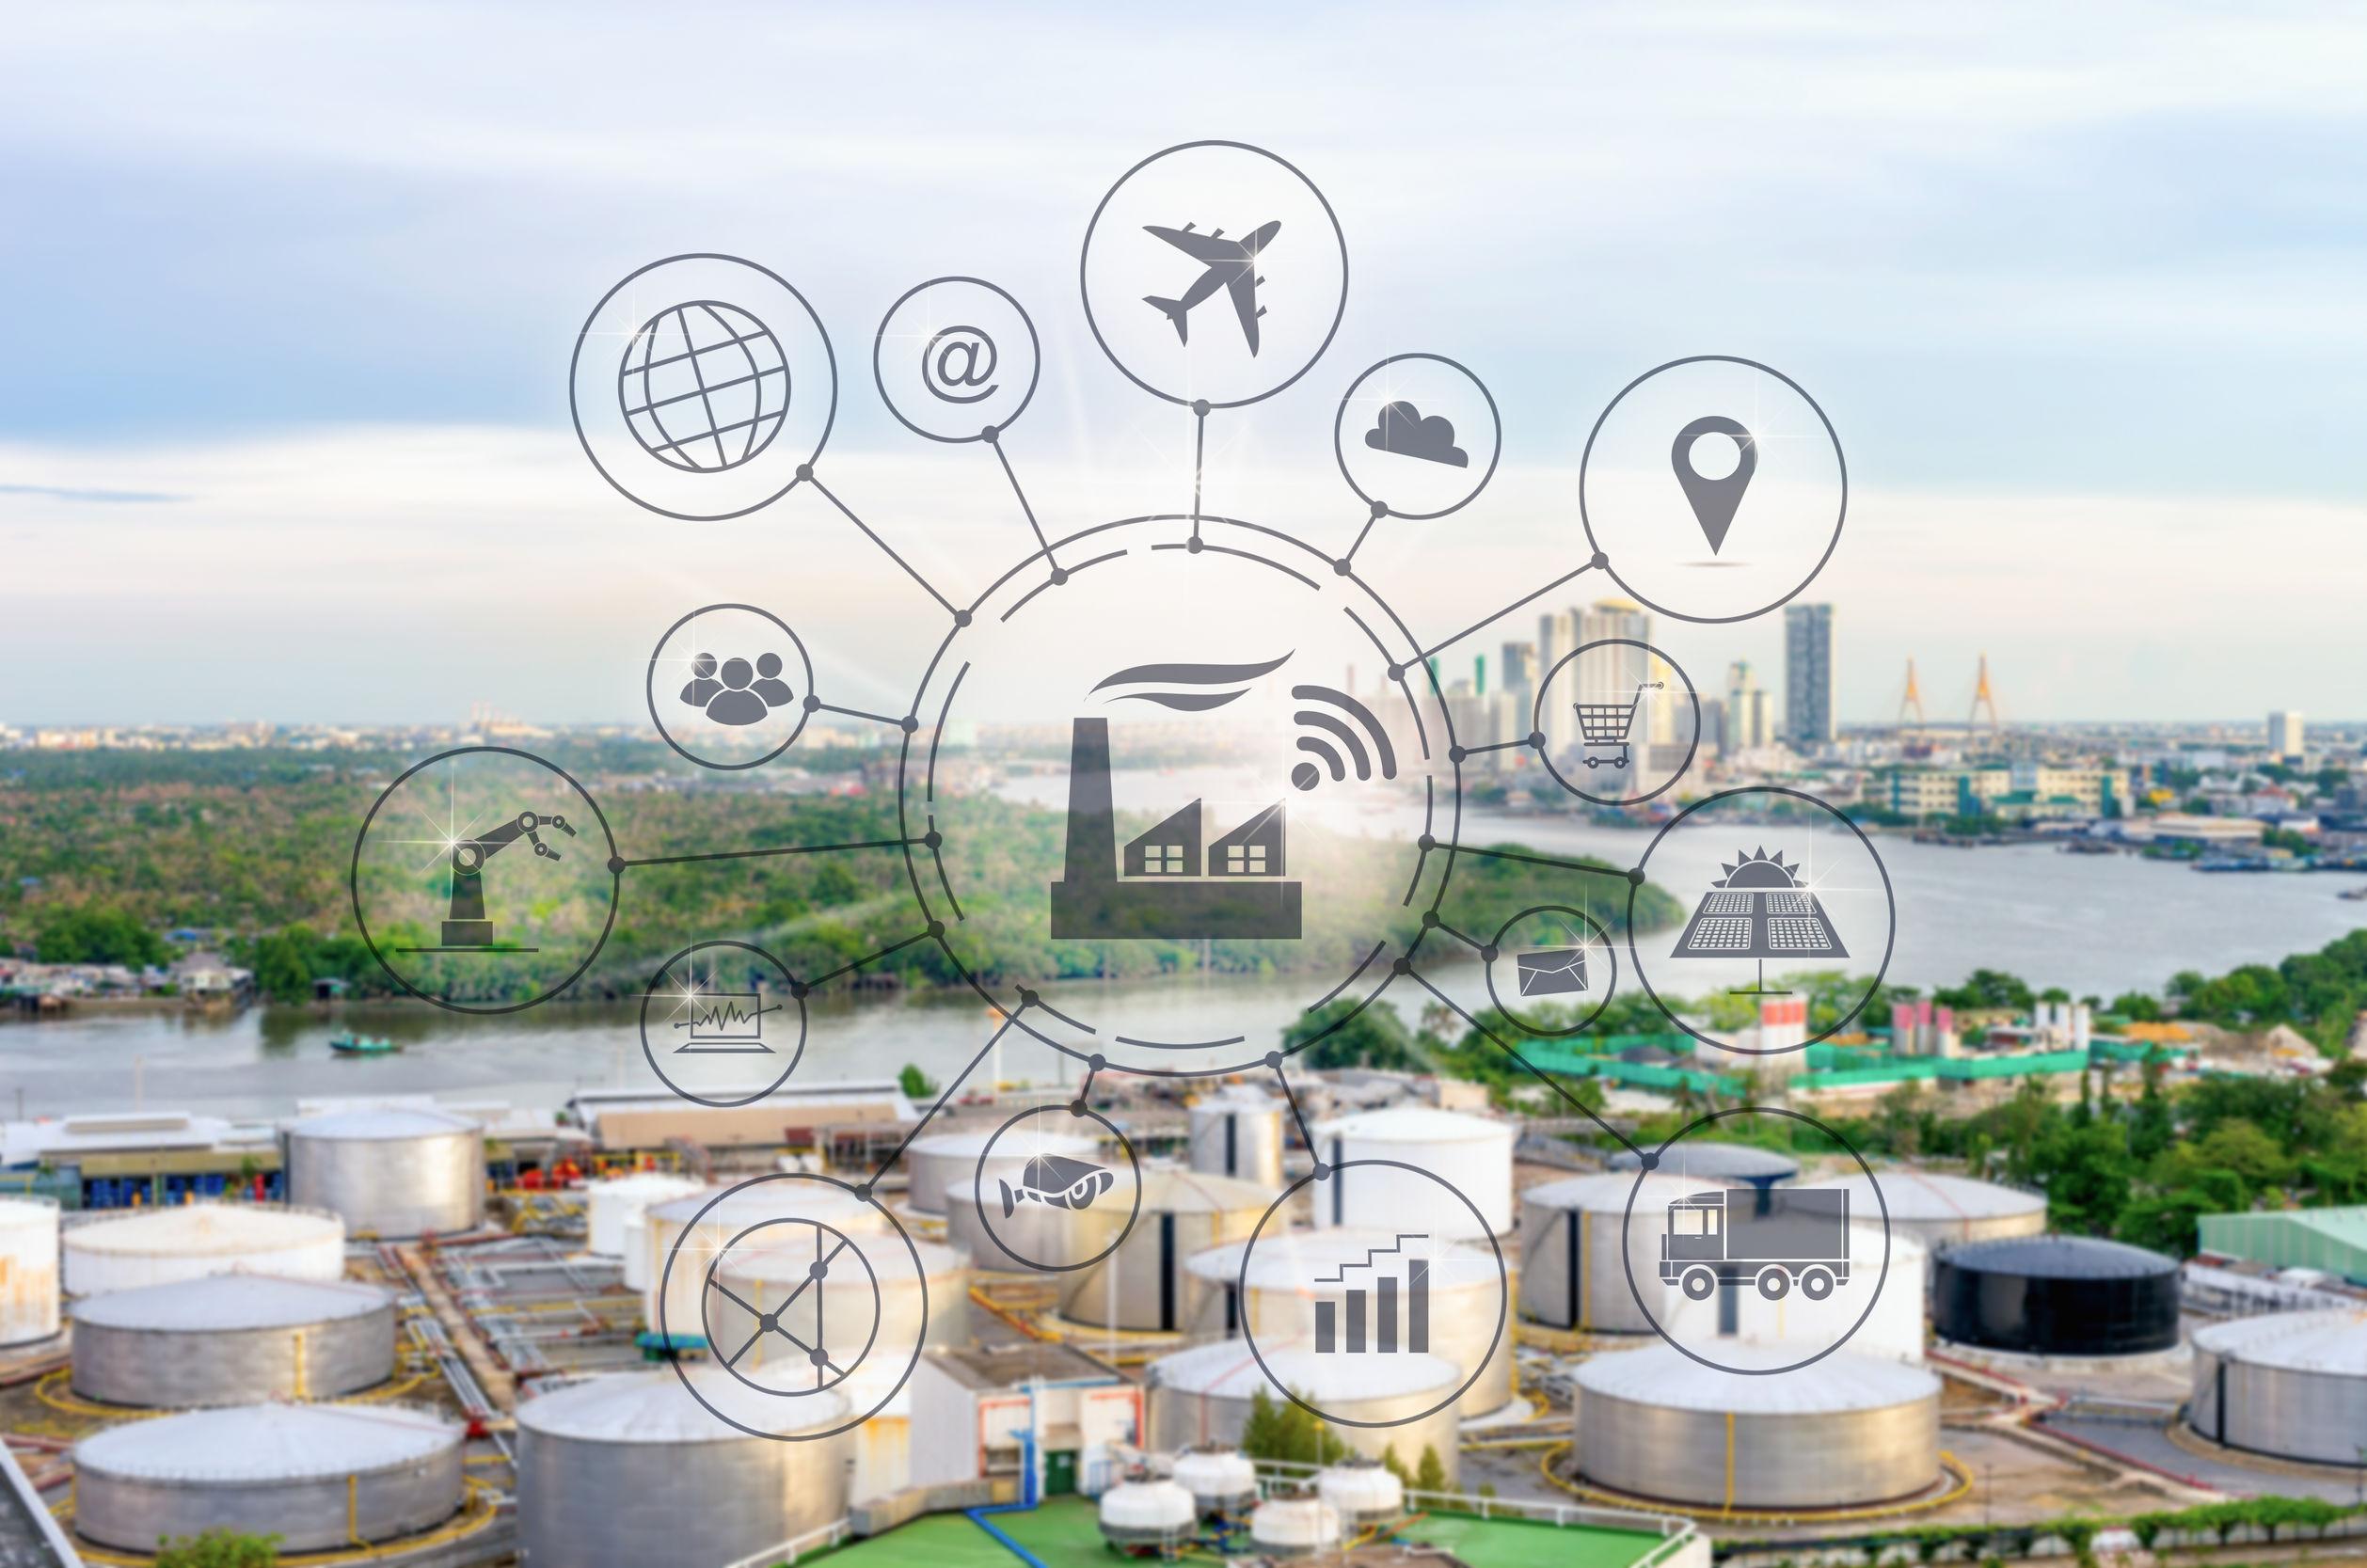 IndustrieTOP: Ben jij klaar voor Smart Productivity?